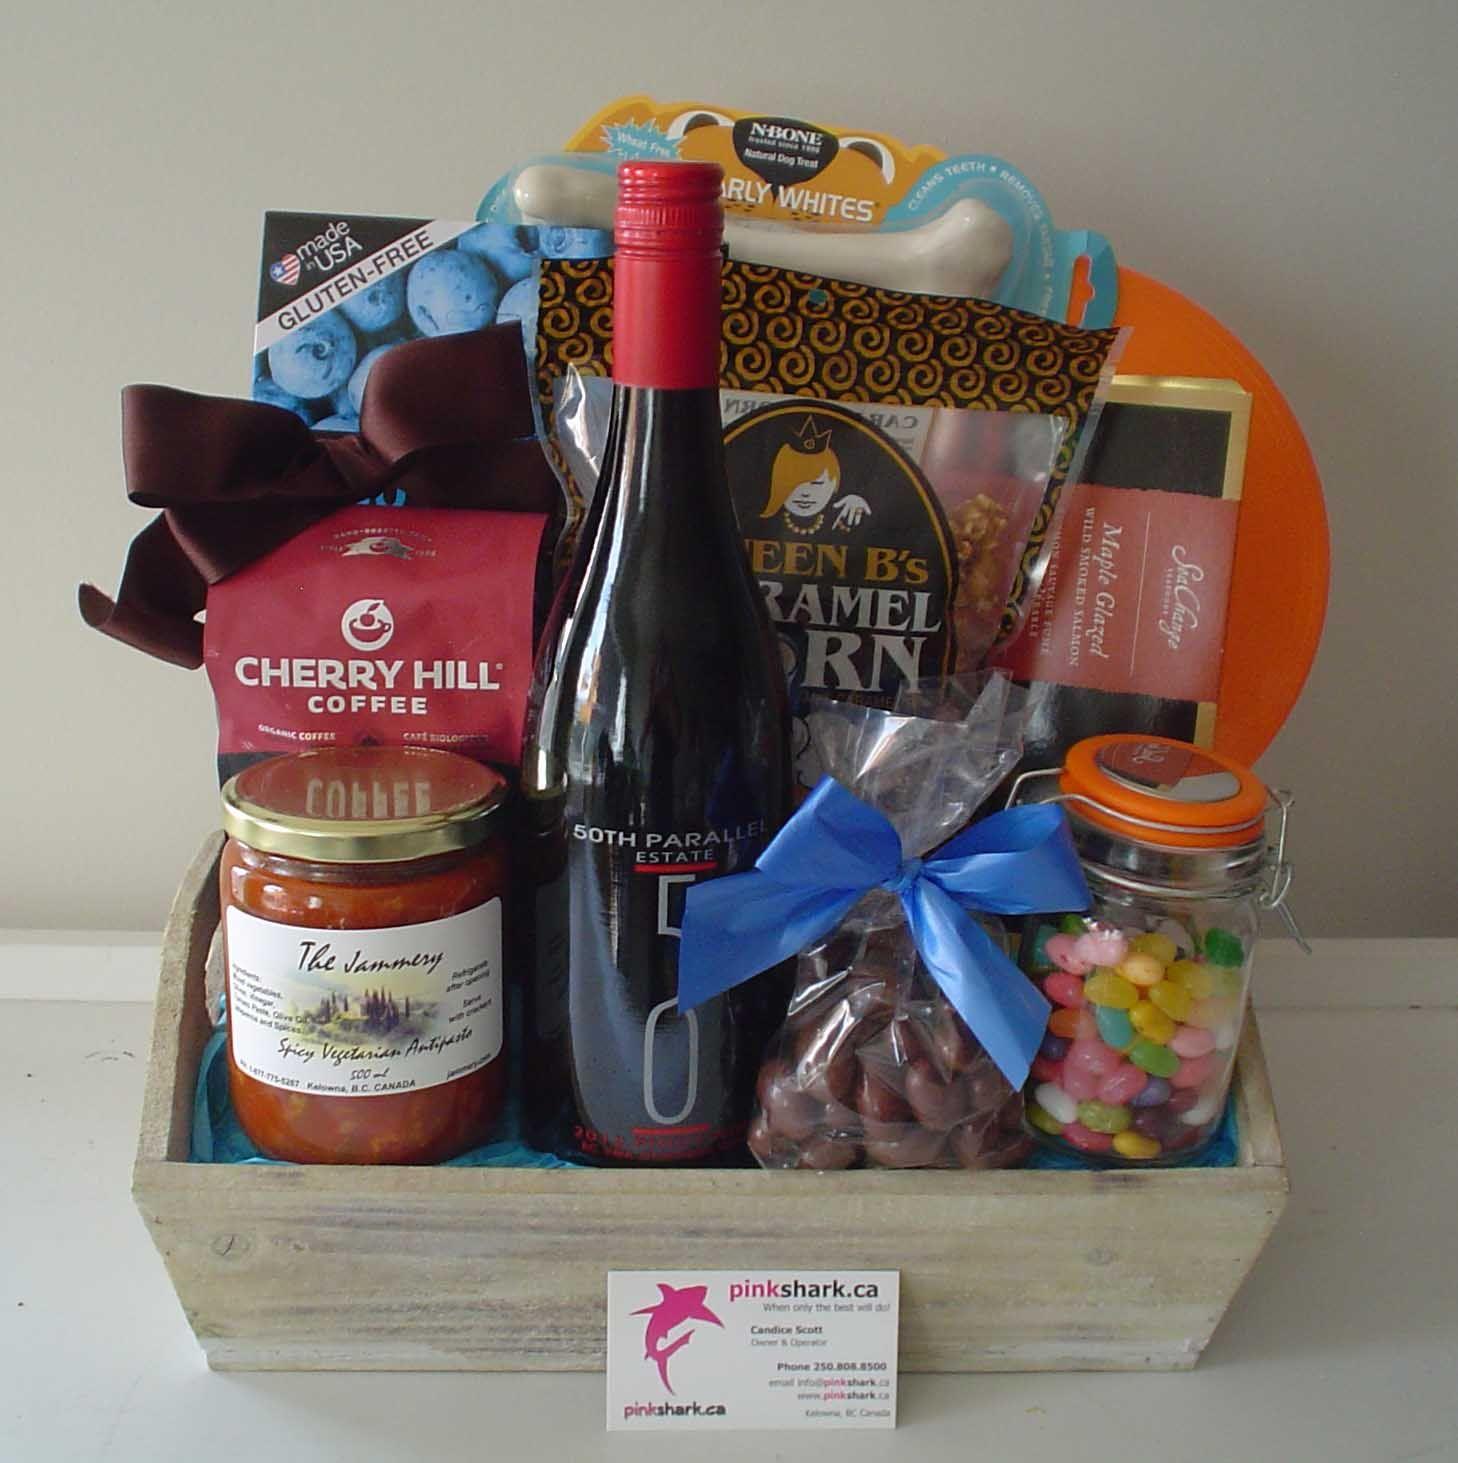 Gift baskets pinksharkca gift baskets